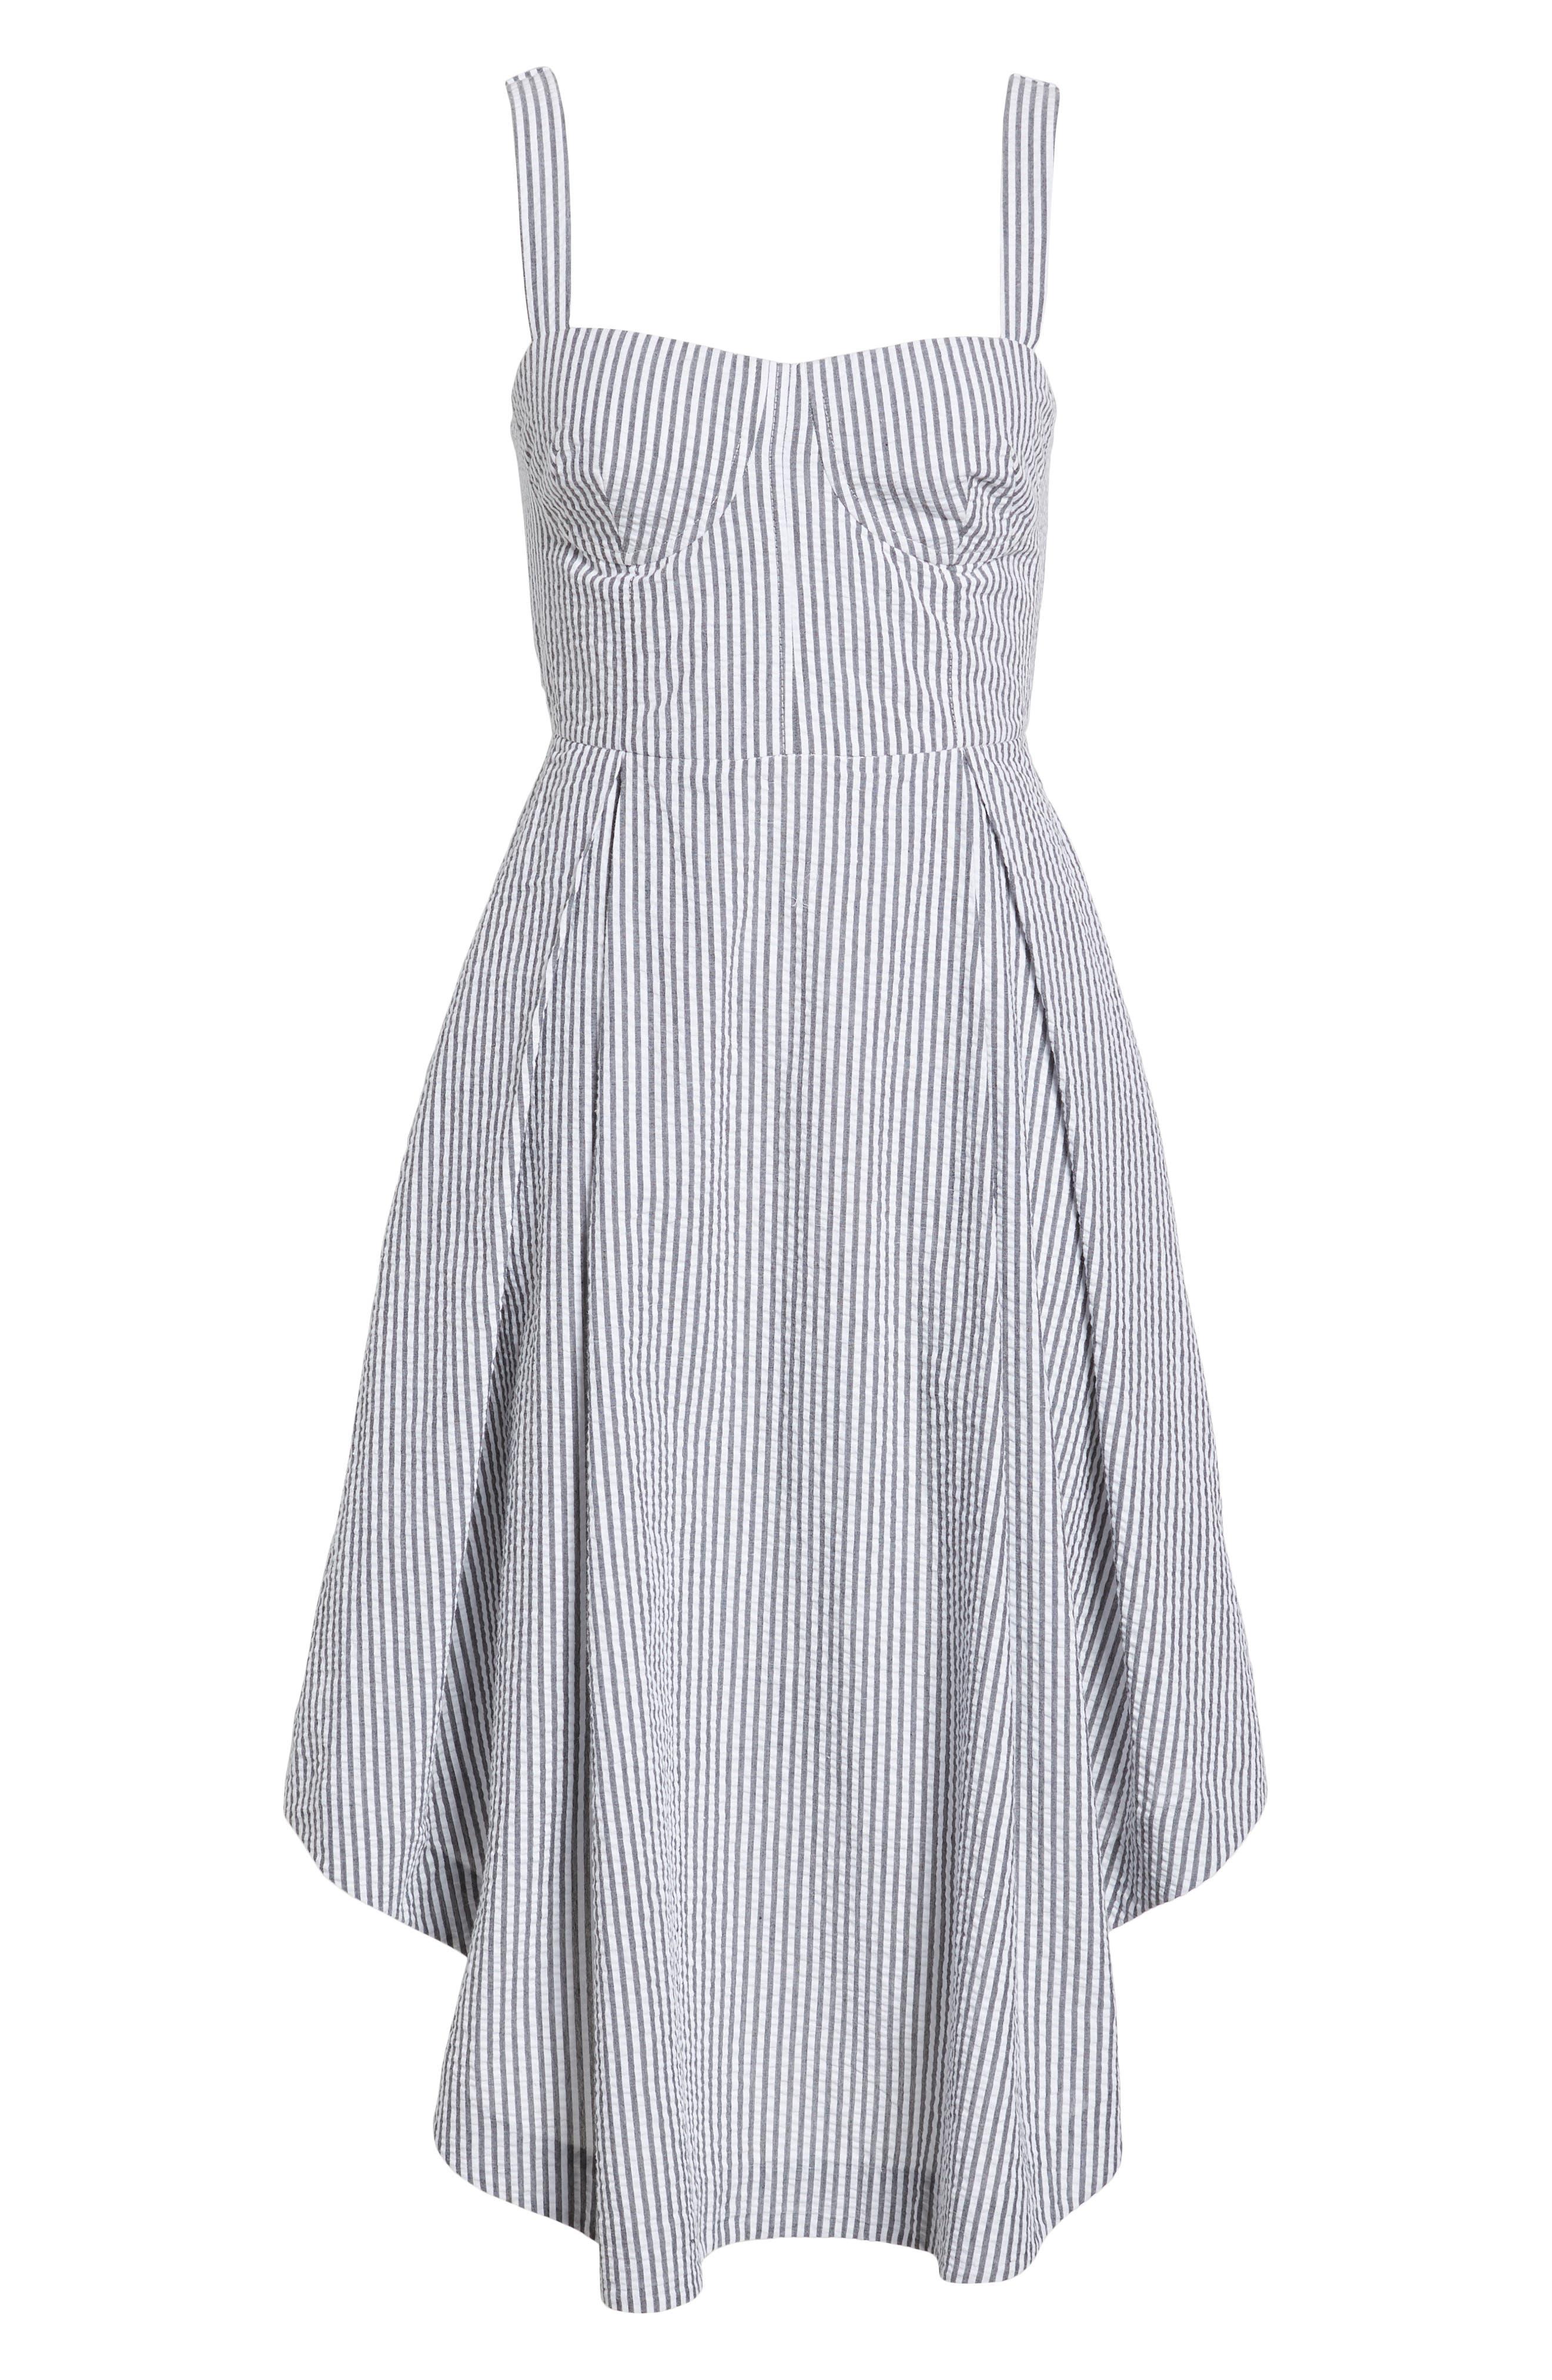 Seersucker Bustier Midi Dress,                             Alternate thumbnail 7, color,                             Black/ White Multi